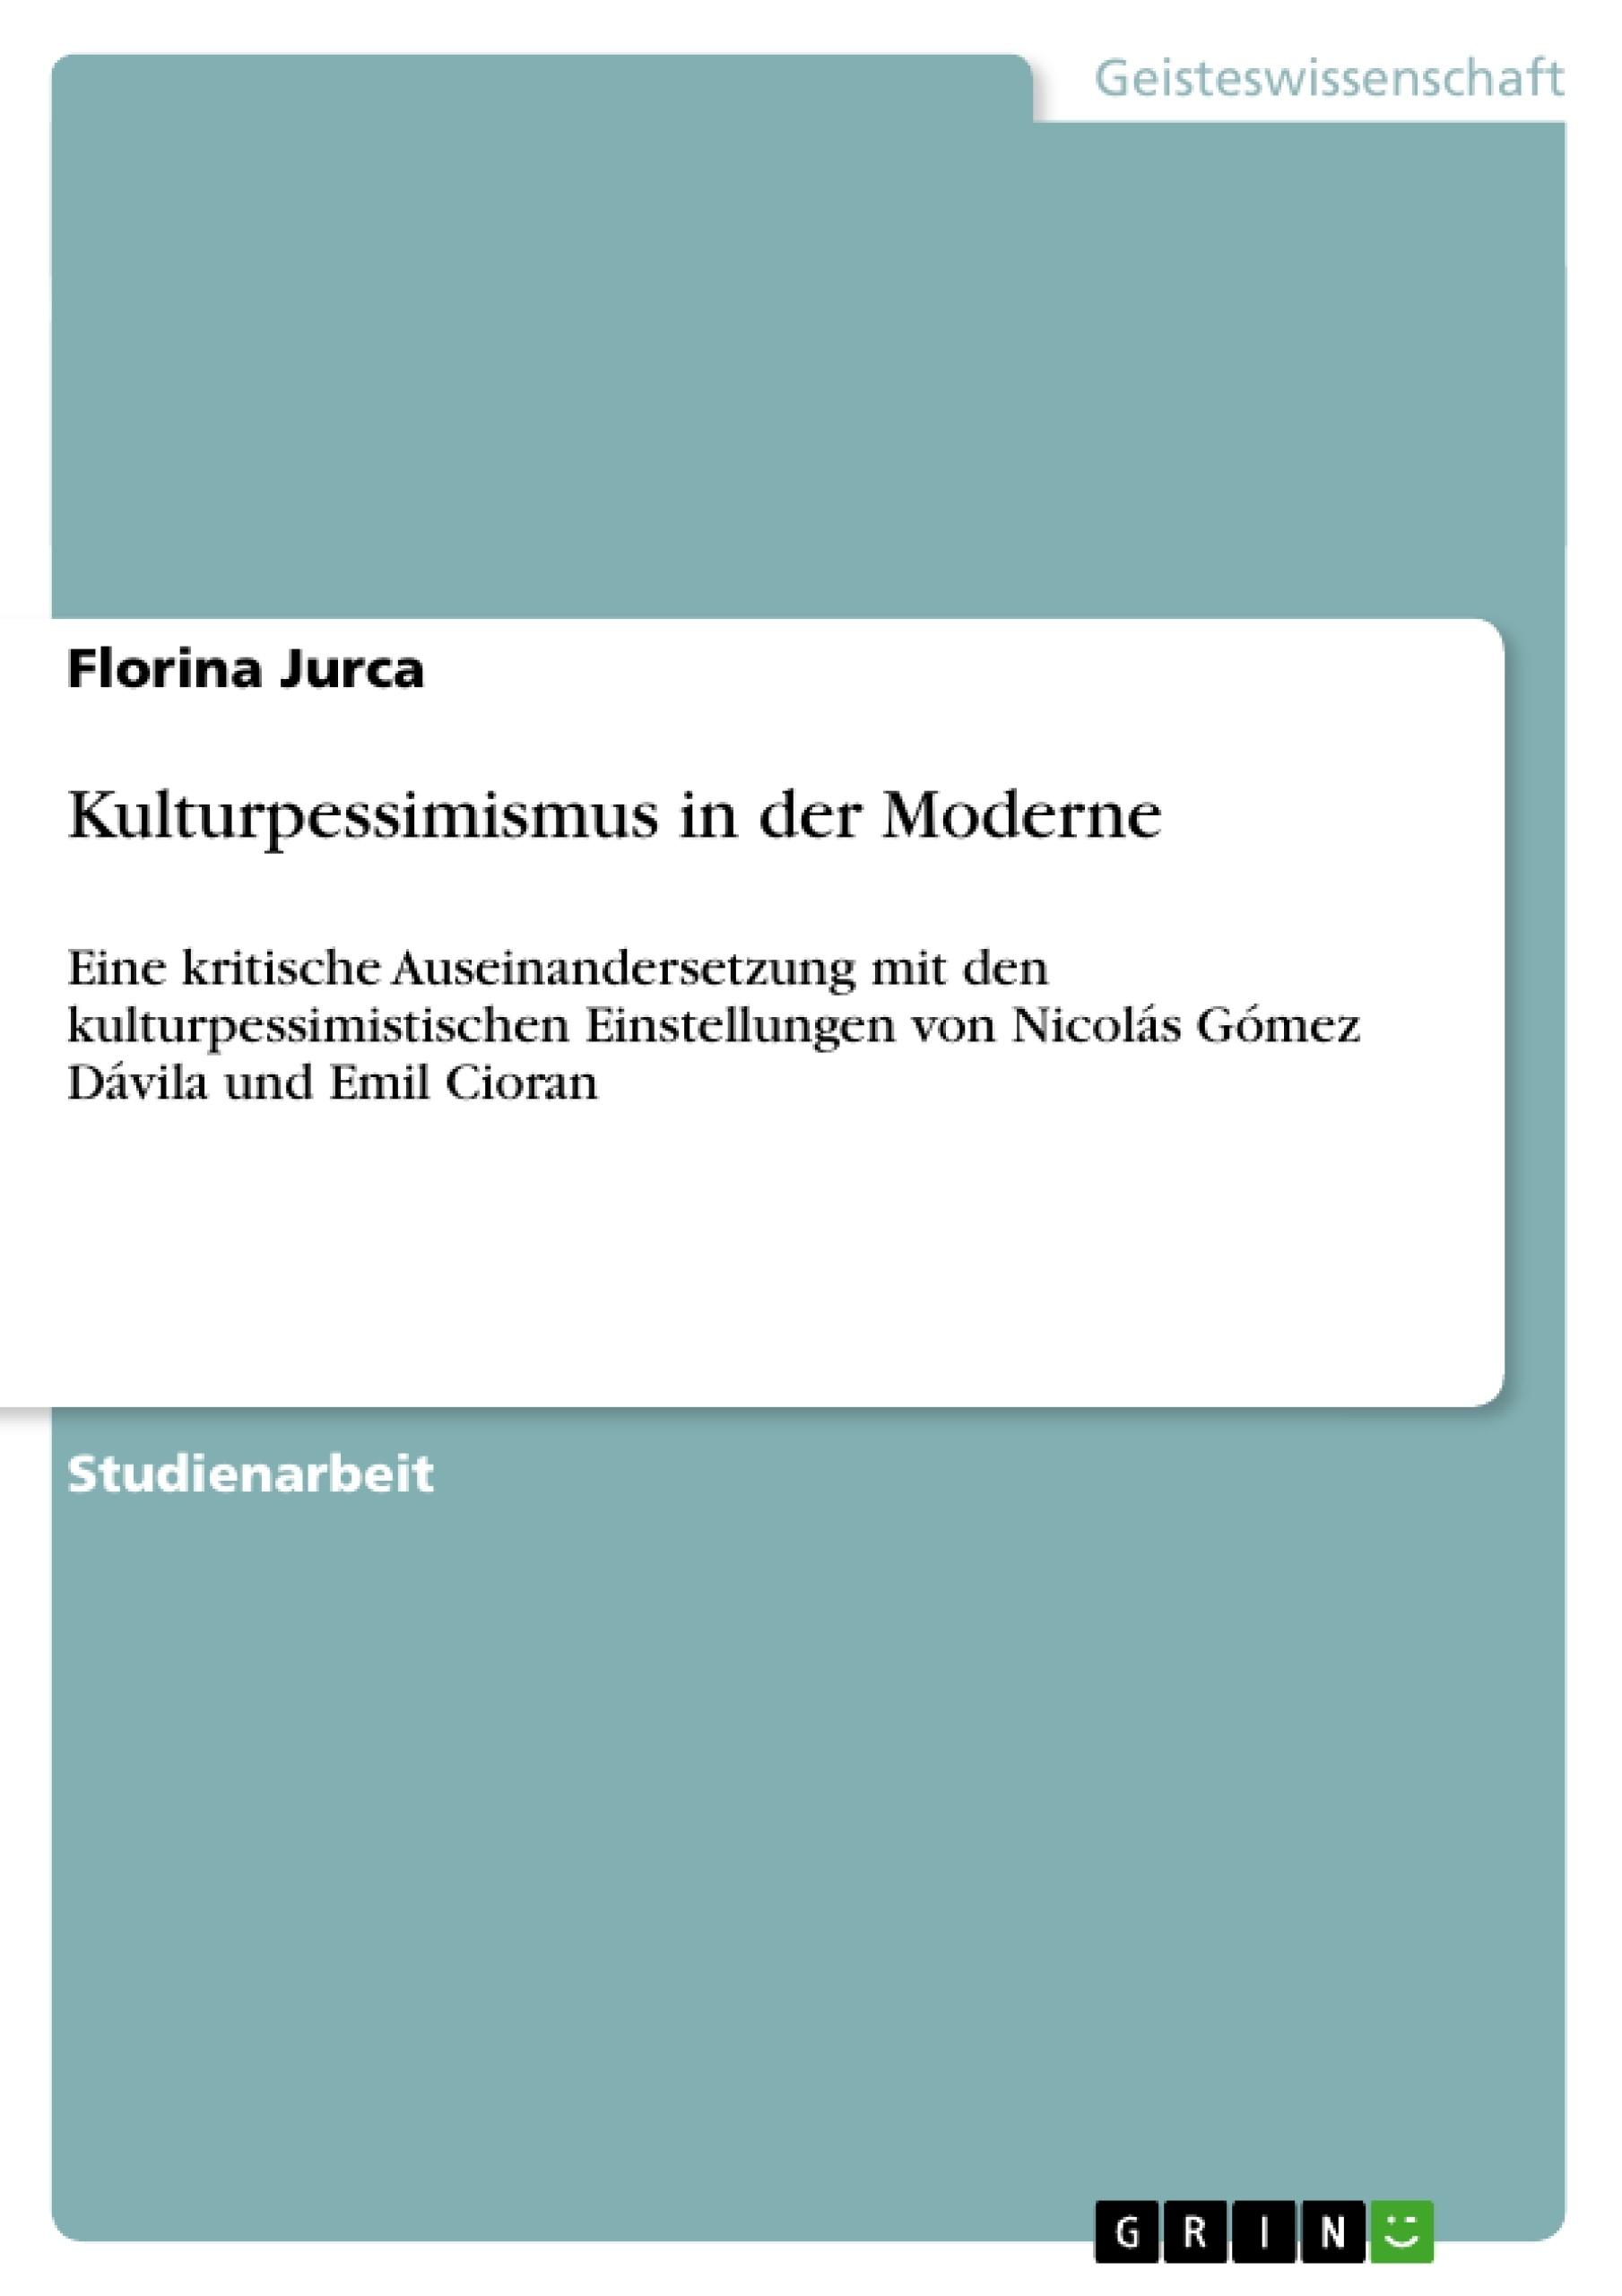 Titel: Kulturpessimismus in der Moderne